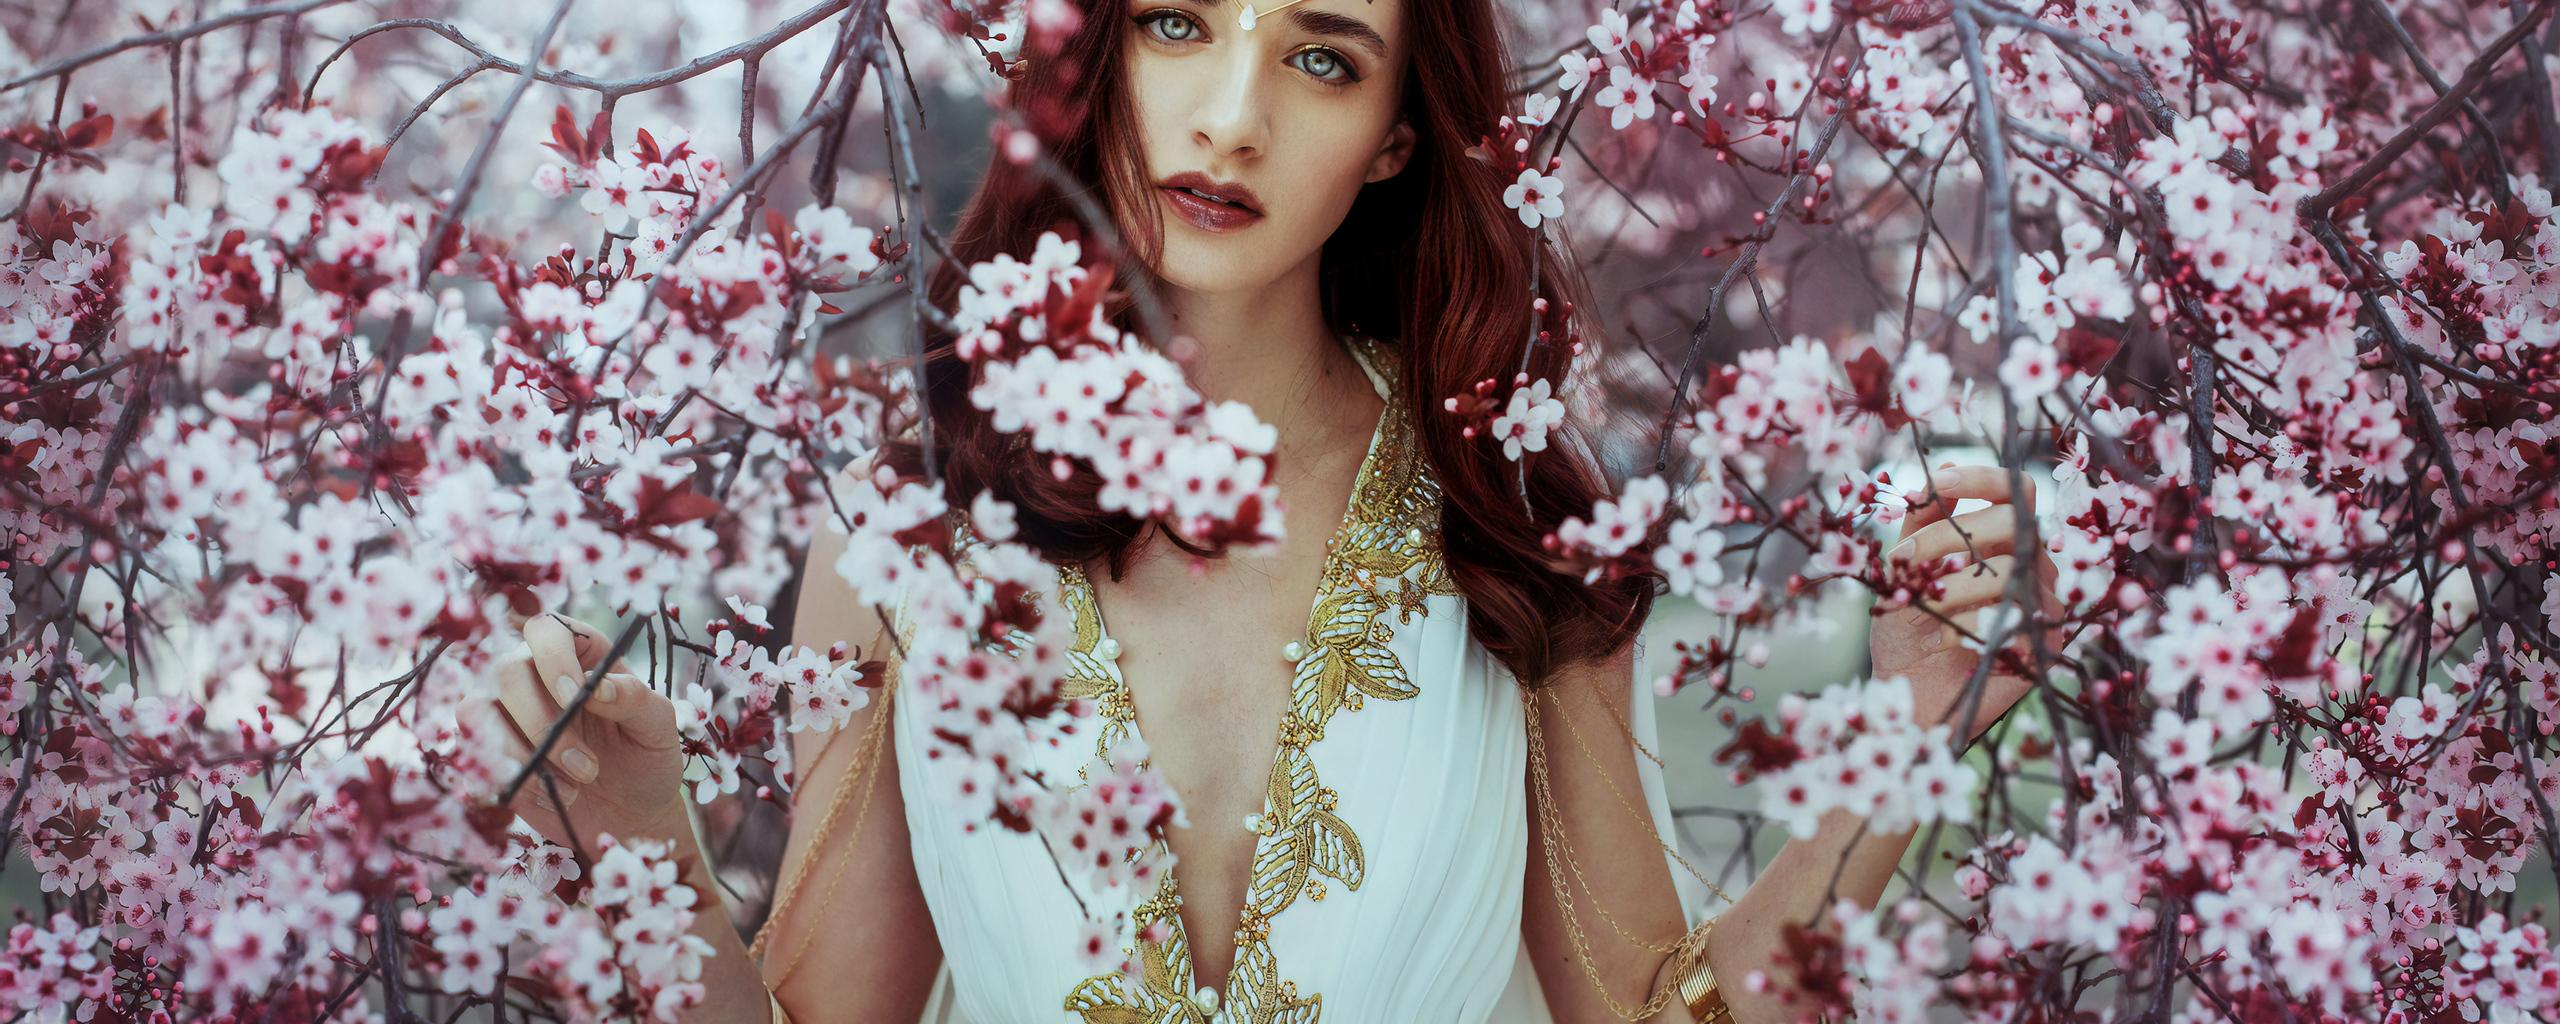 blossom-tree-girl-52.jpg